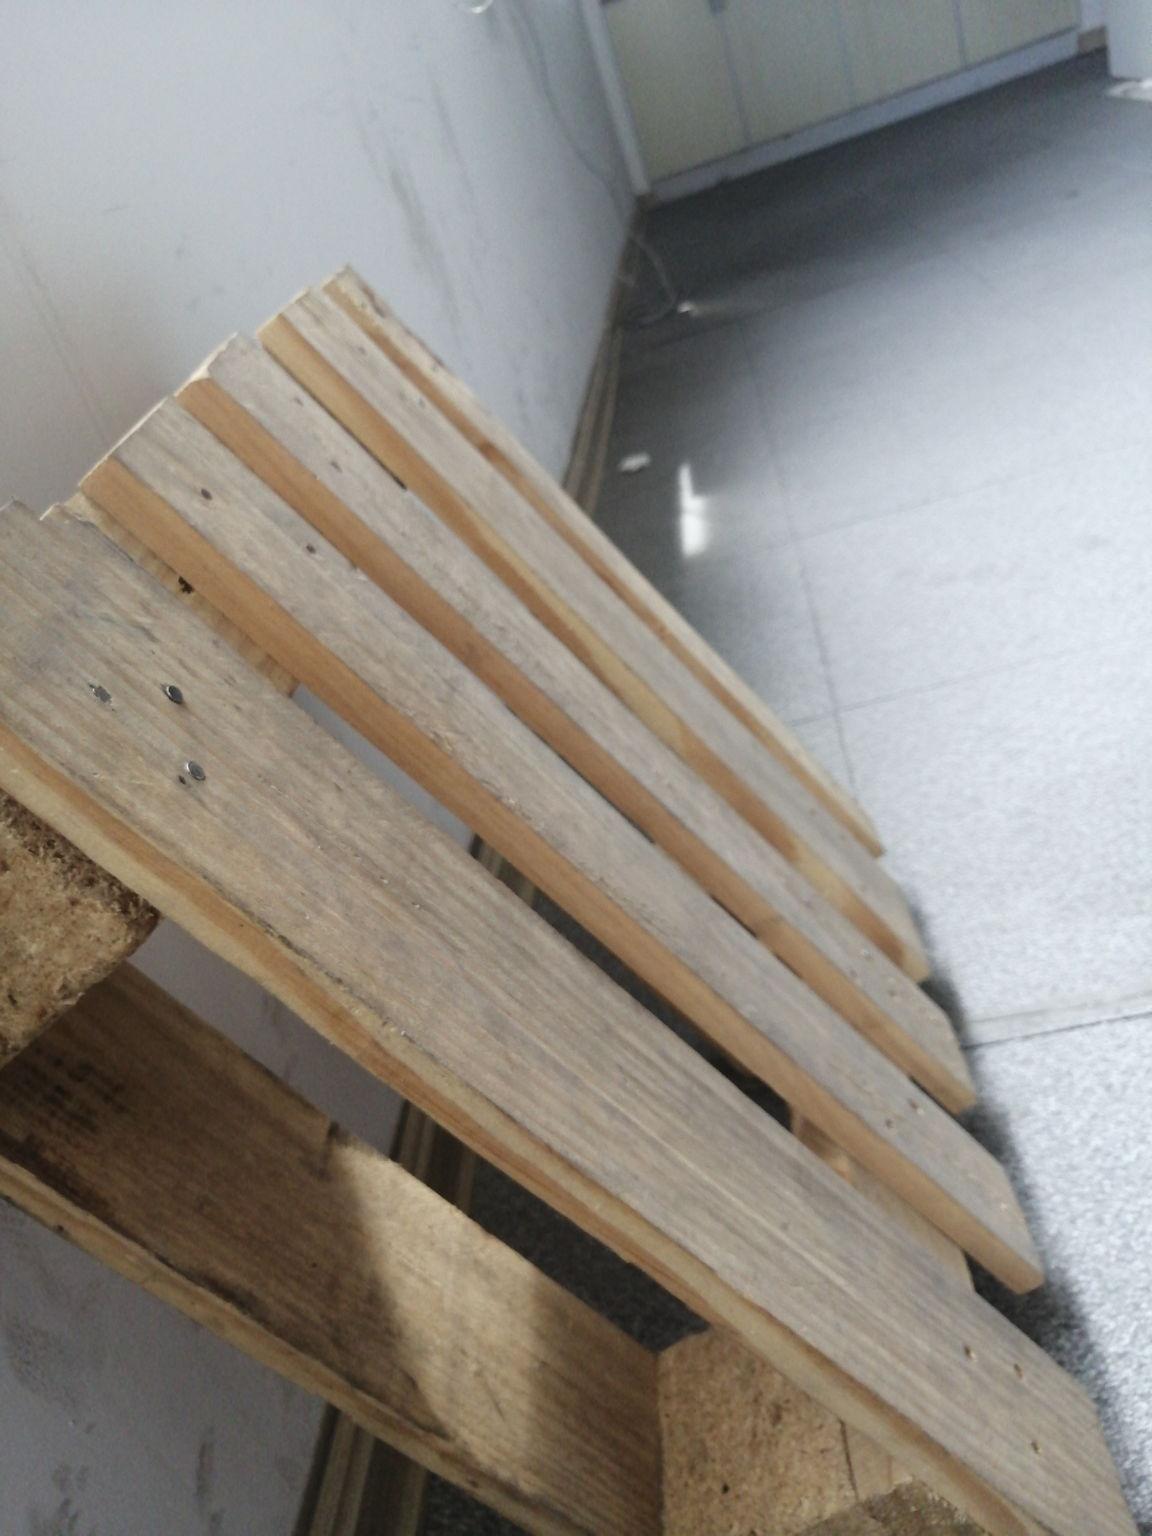 嘉兴长期方形木托盘质量相对较好